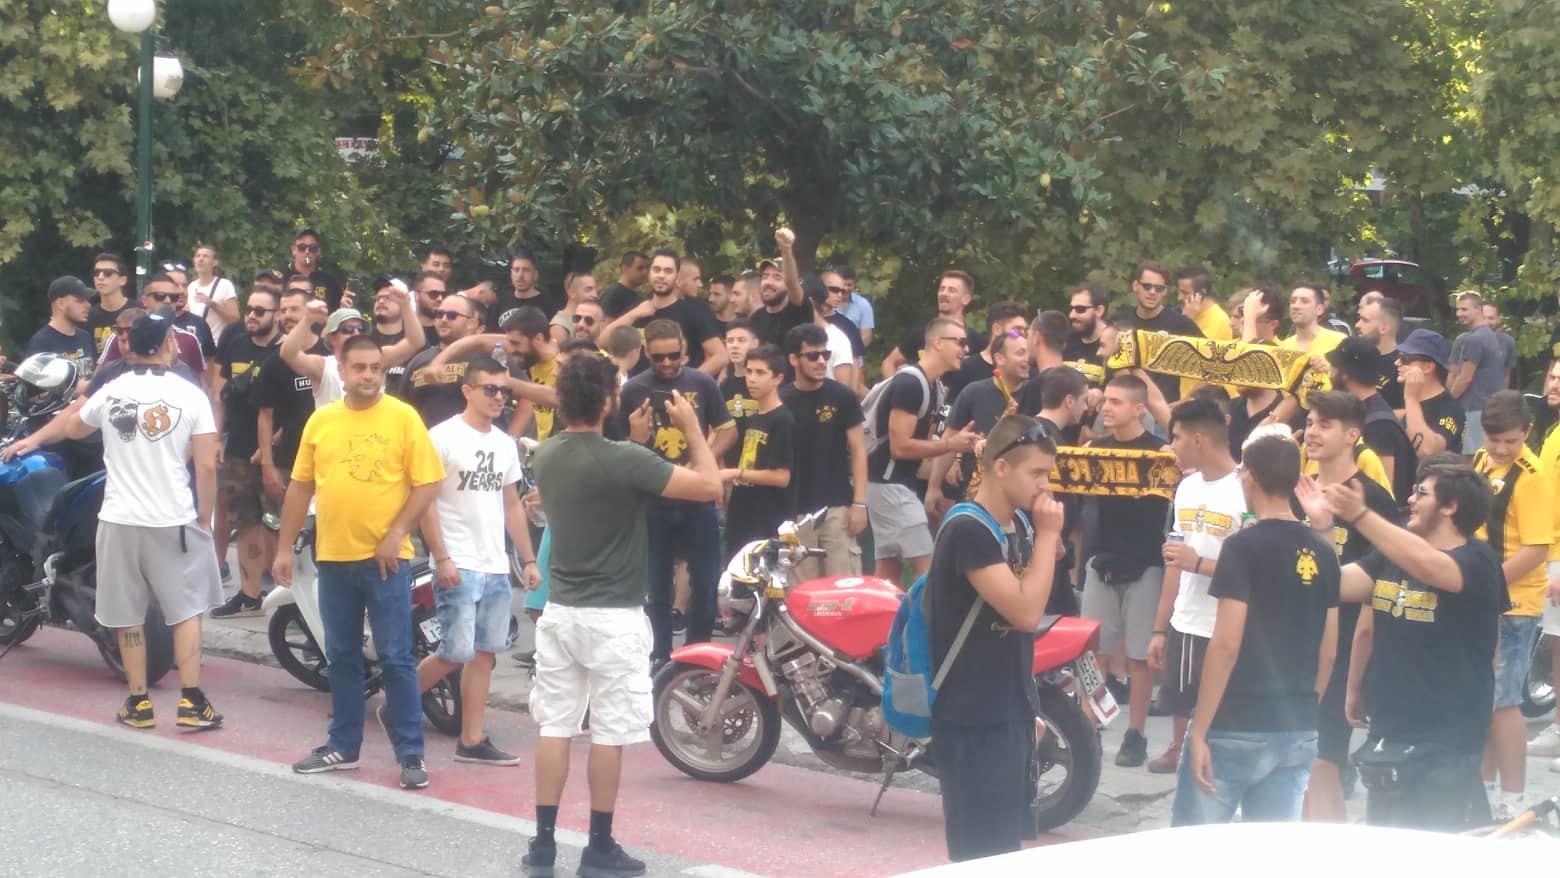 Πανικός στα Τρίκαλα -Εκατοντάδες οπαδοί πάνε... συνοδεία την ΑΕΚ στο γήπεδο! (ΦΩΤΟ-VIDEO))